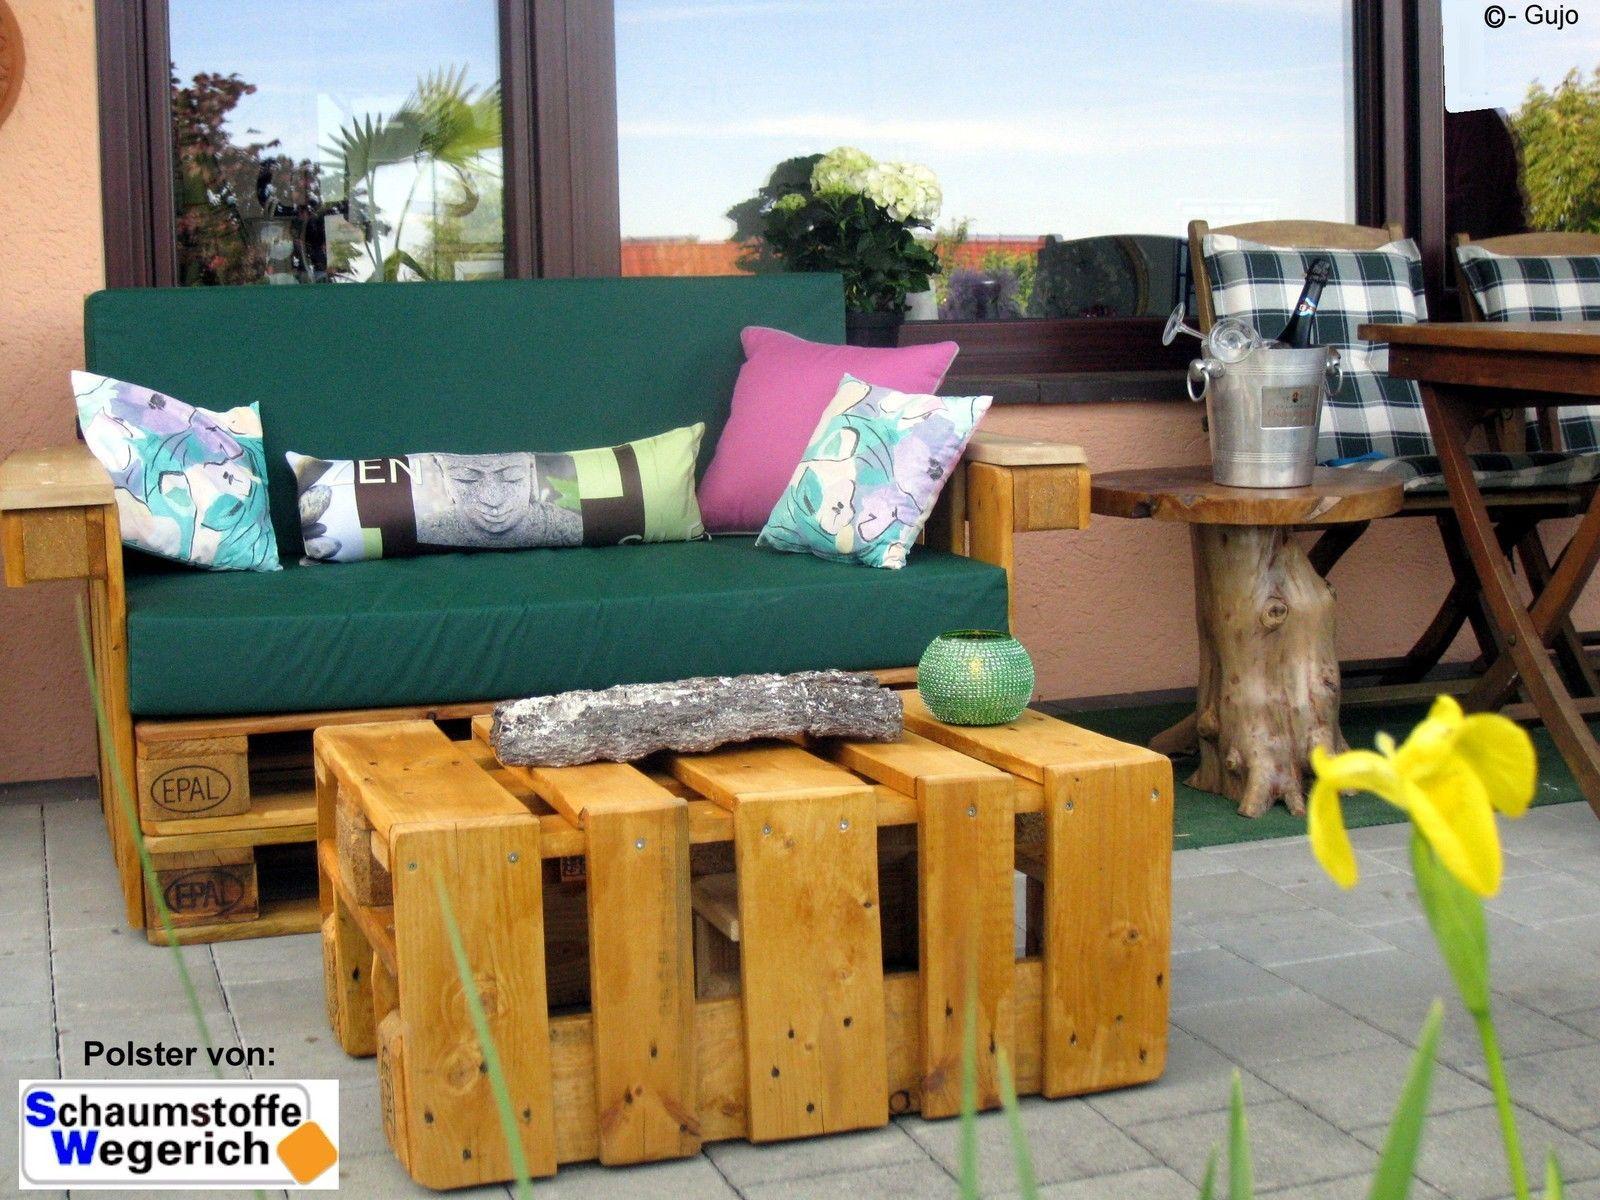 Palettenpolster Palettenkissen Auflage Lounge Schaumstoff Rg 35 Sitzpolster Paletten Polster Paletten Kissen Möbel Aus Paletten